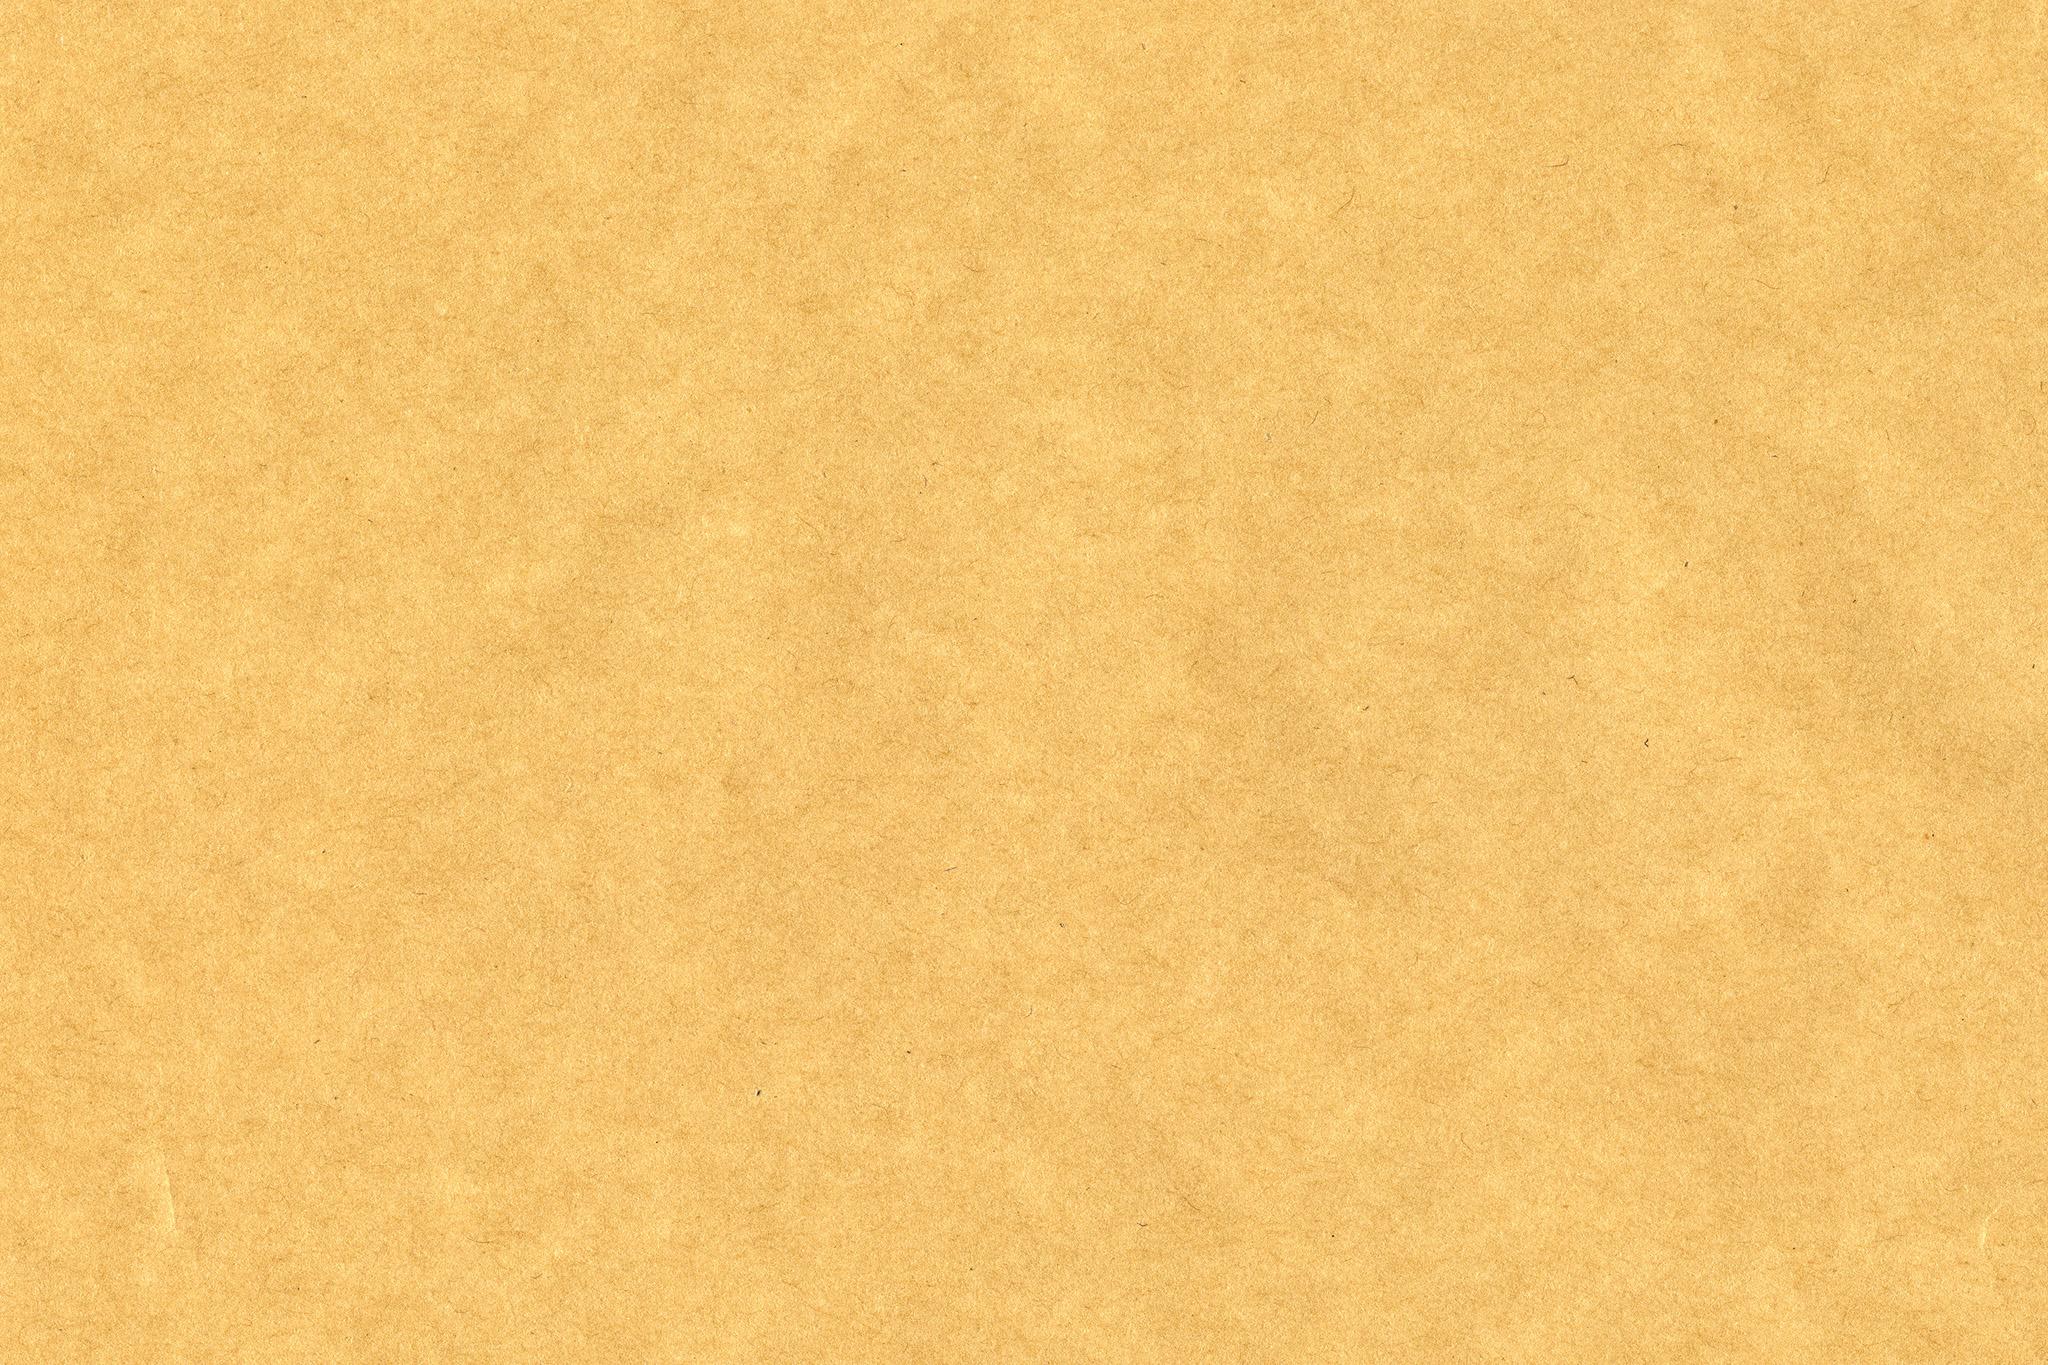 「クラフト紙のテクスチャ」の画像を無料ダウンロード